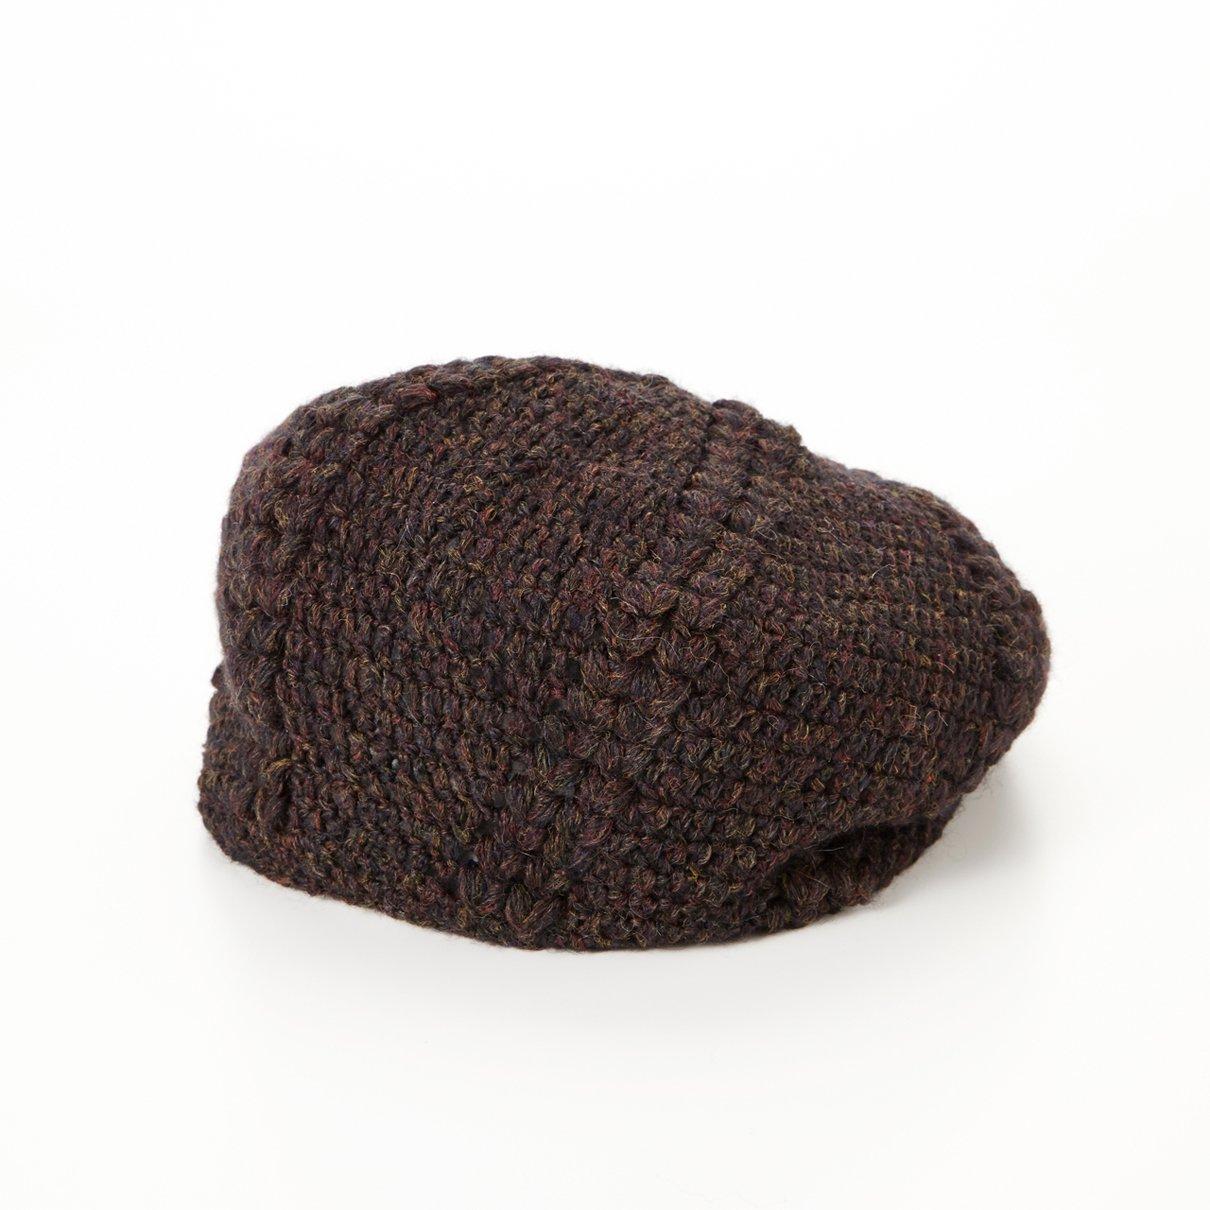 変形玉編みベレー帽(フラッフィーメランジ)